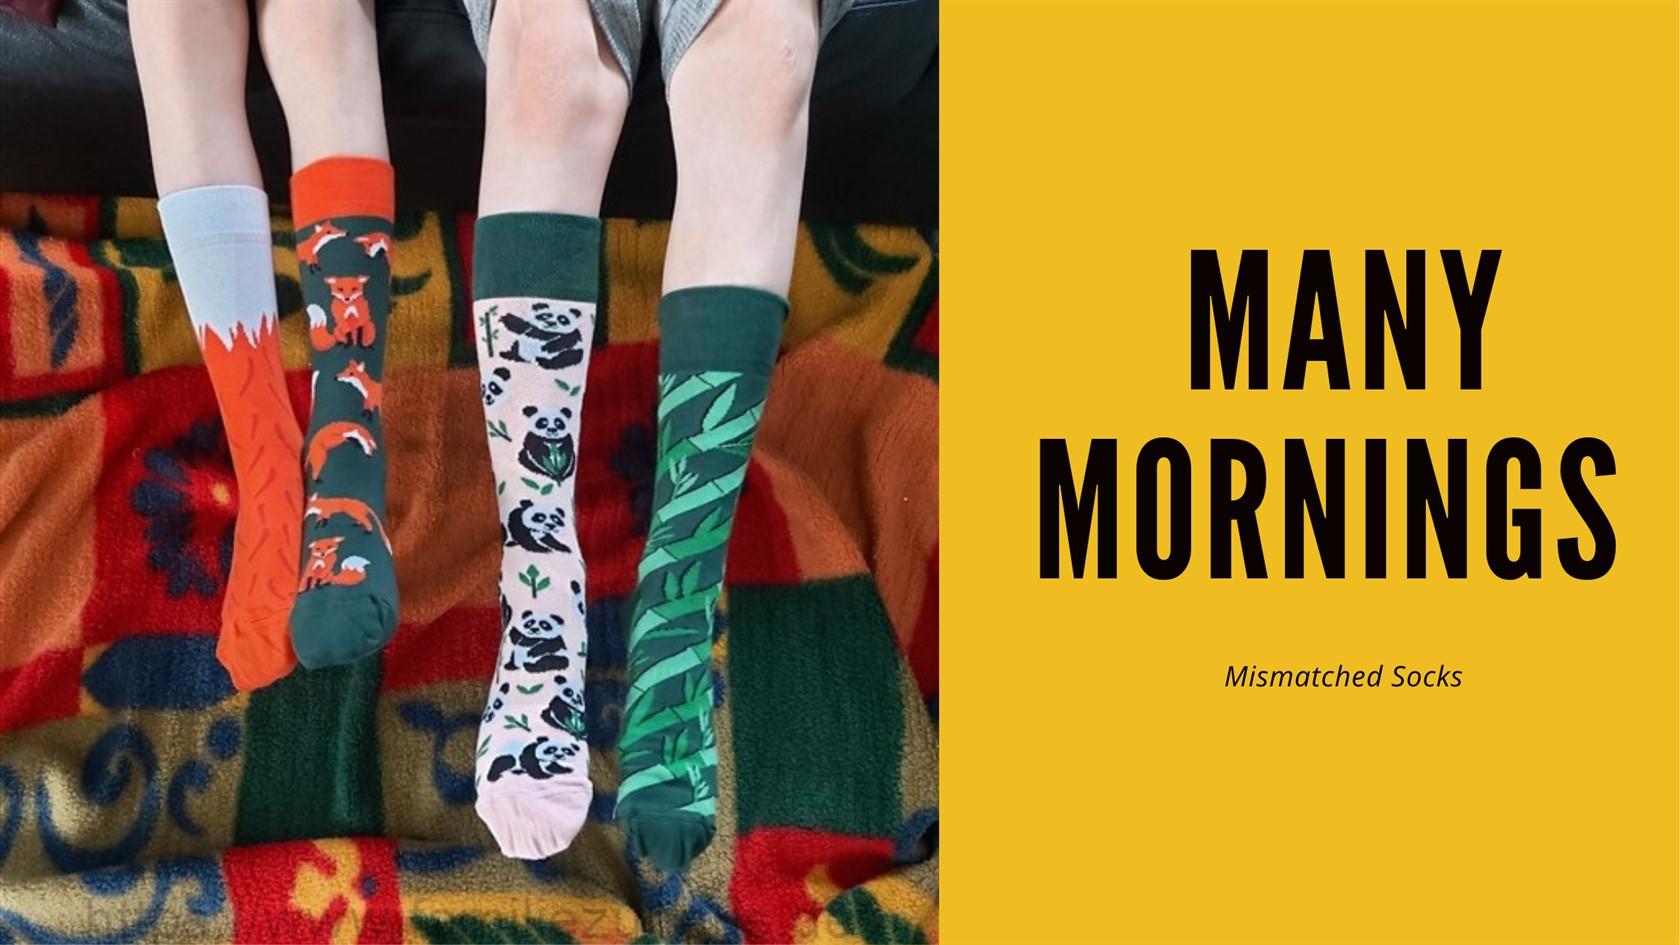 Many Mornings 1680 x 945